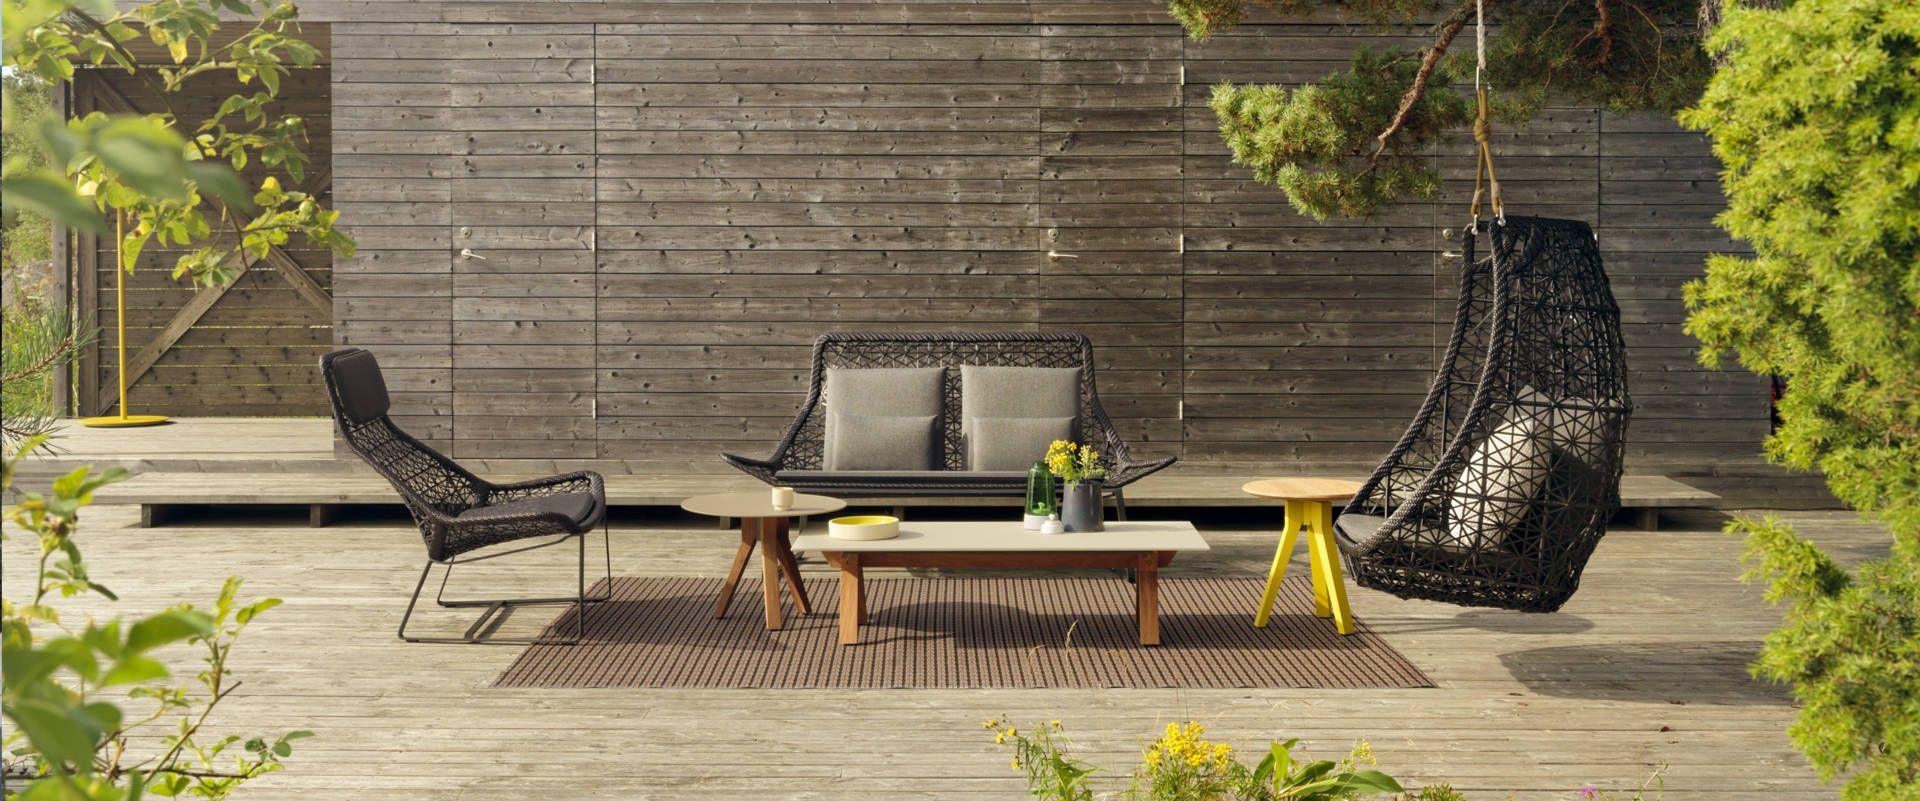 Outdoor Sofa mit Stuhl und Schaukel, Exklusive Outdoor Möbel, FRETZ Konstanz am Bodensee